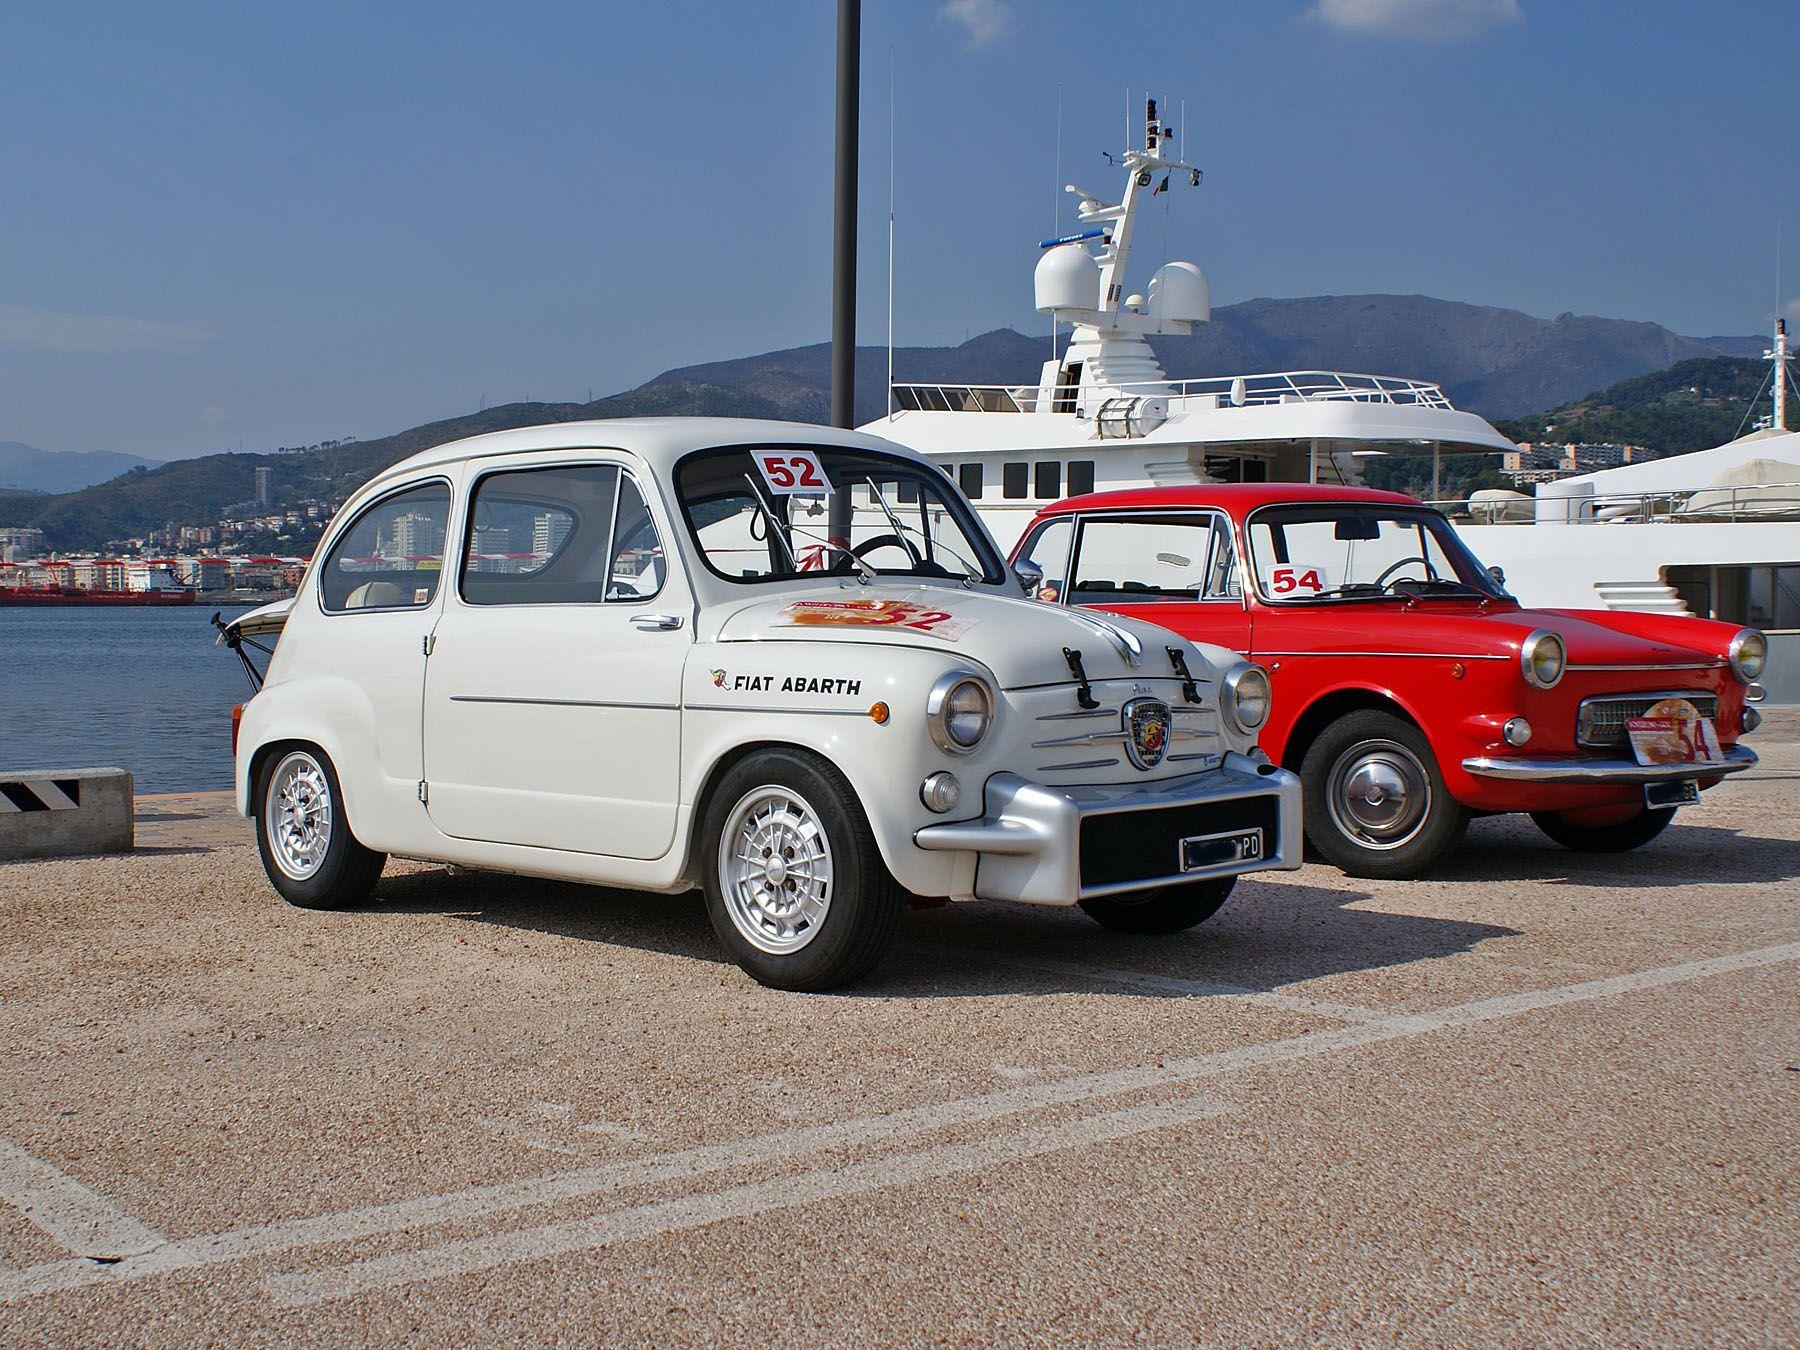 Fiat Abarth 850 Tc Fiat Abarth Fiat 600 Fiat